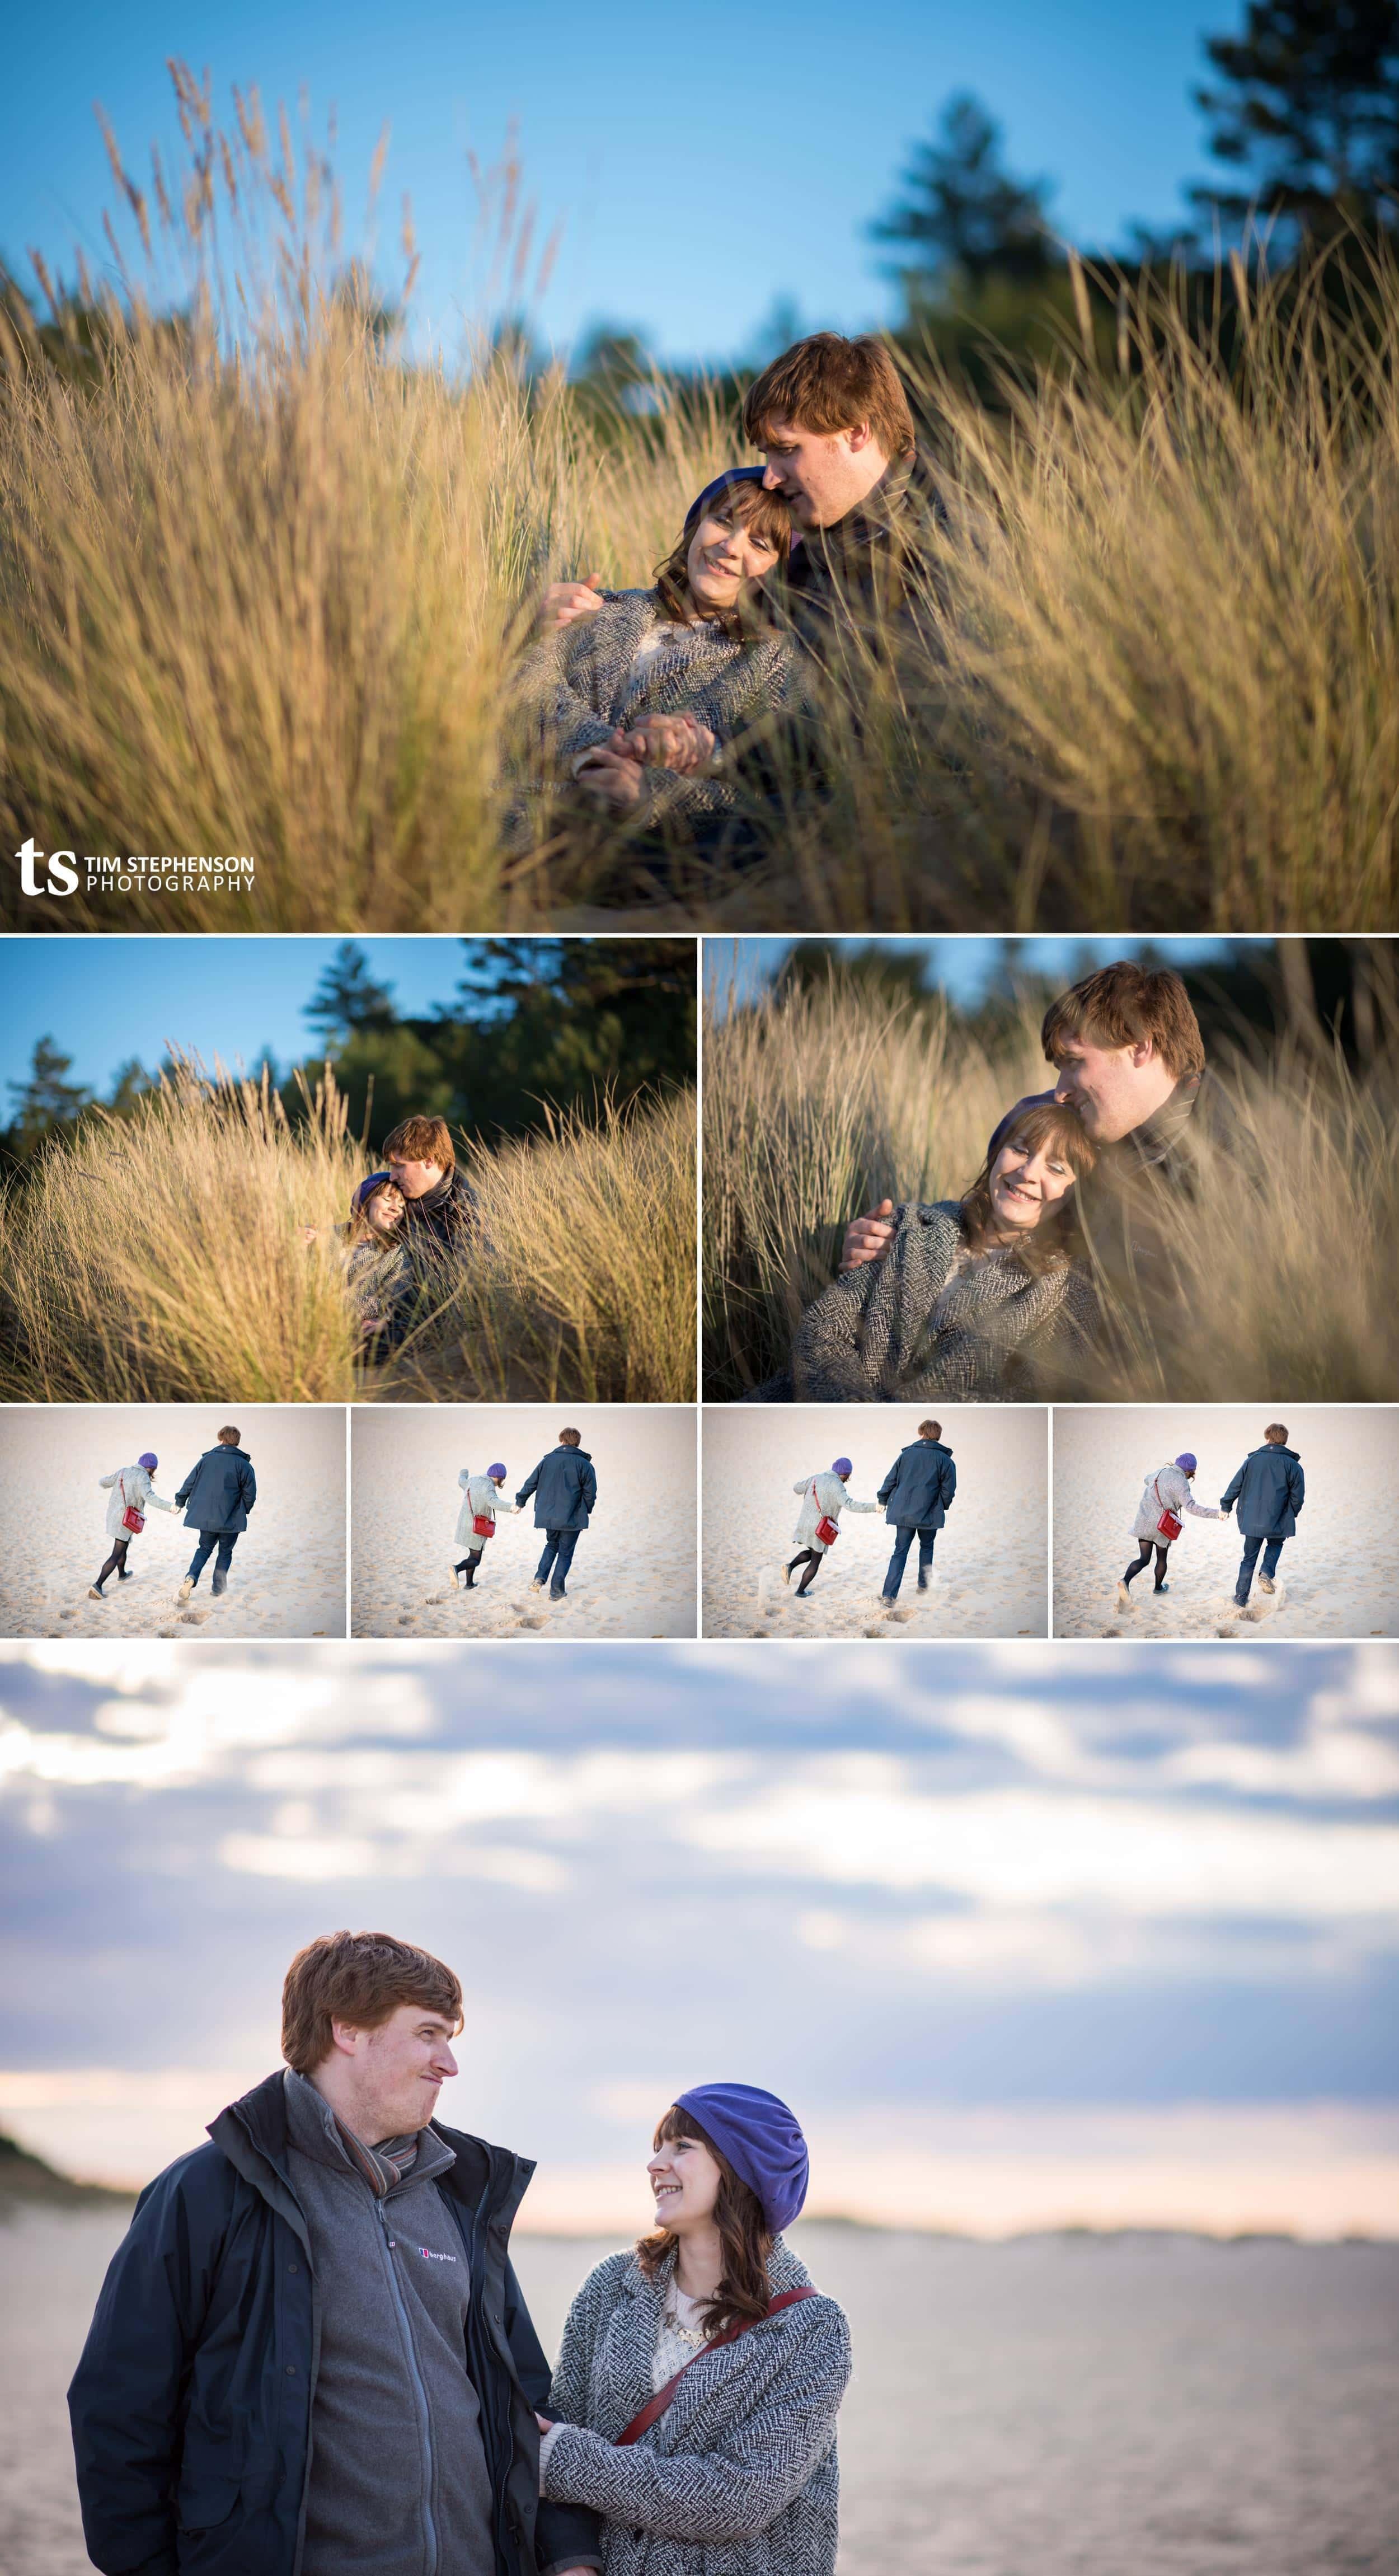 Rosie-Ben-Norfolk-Engagement-Photography 5